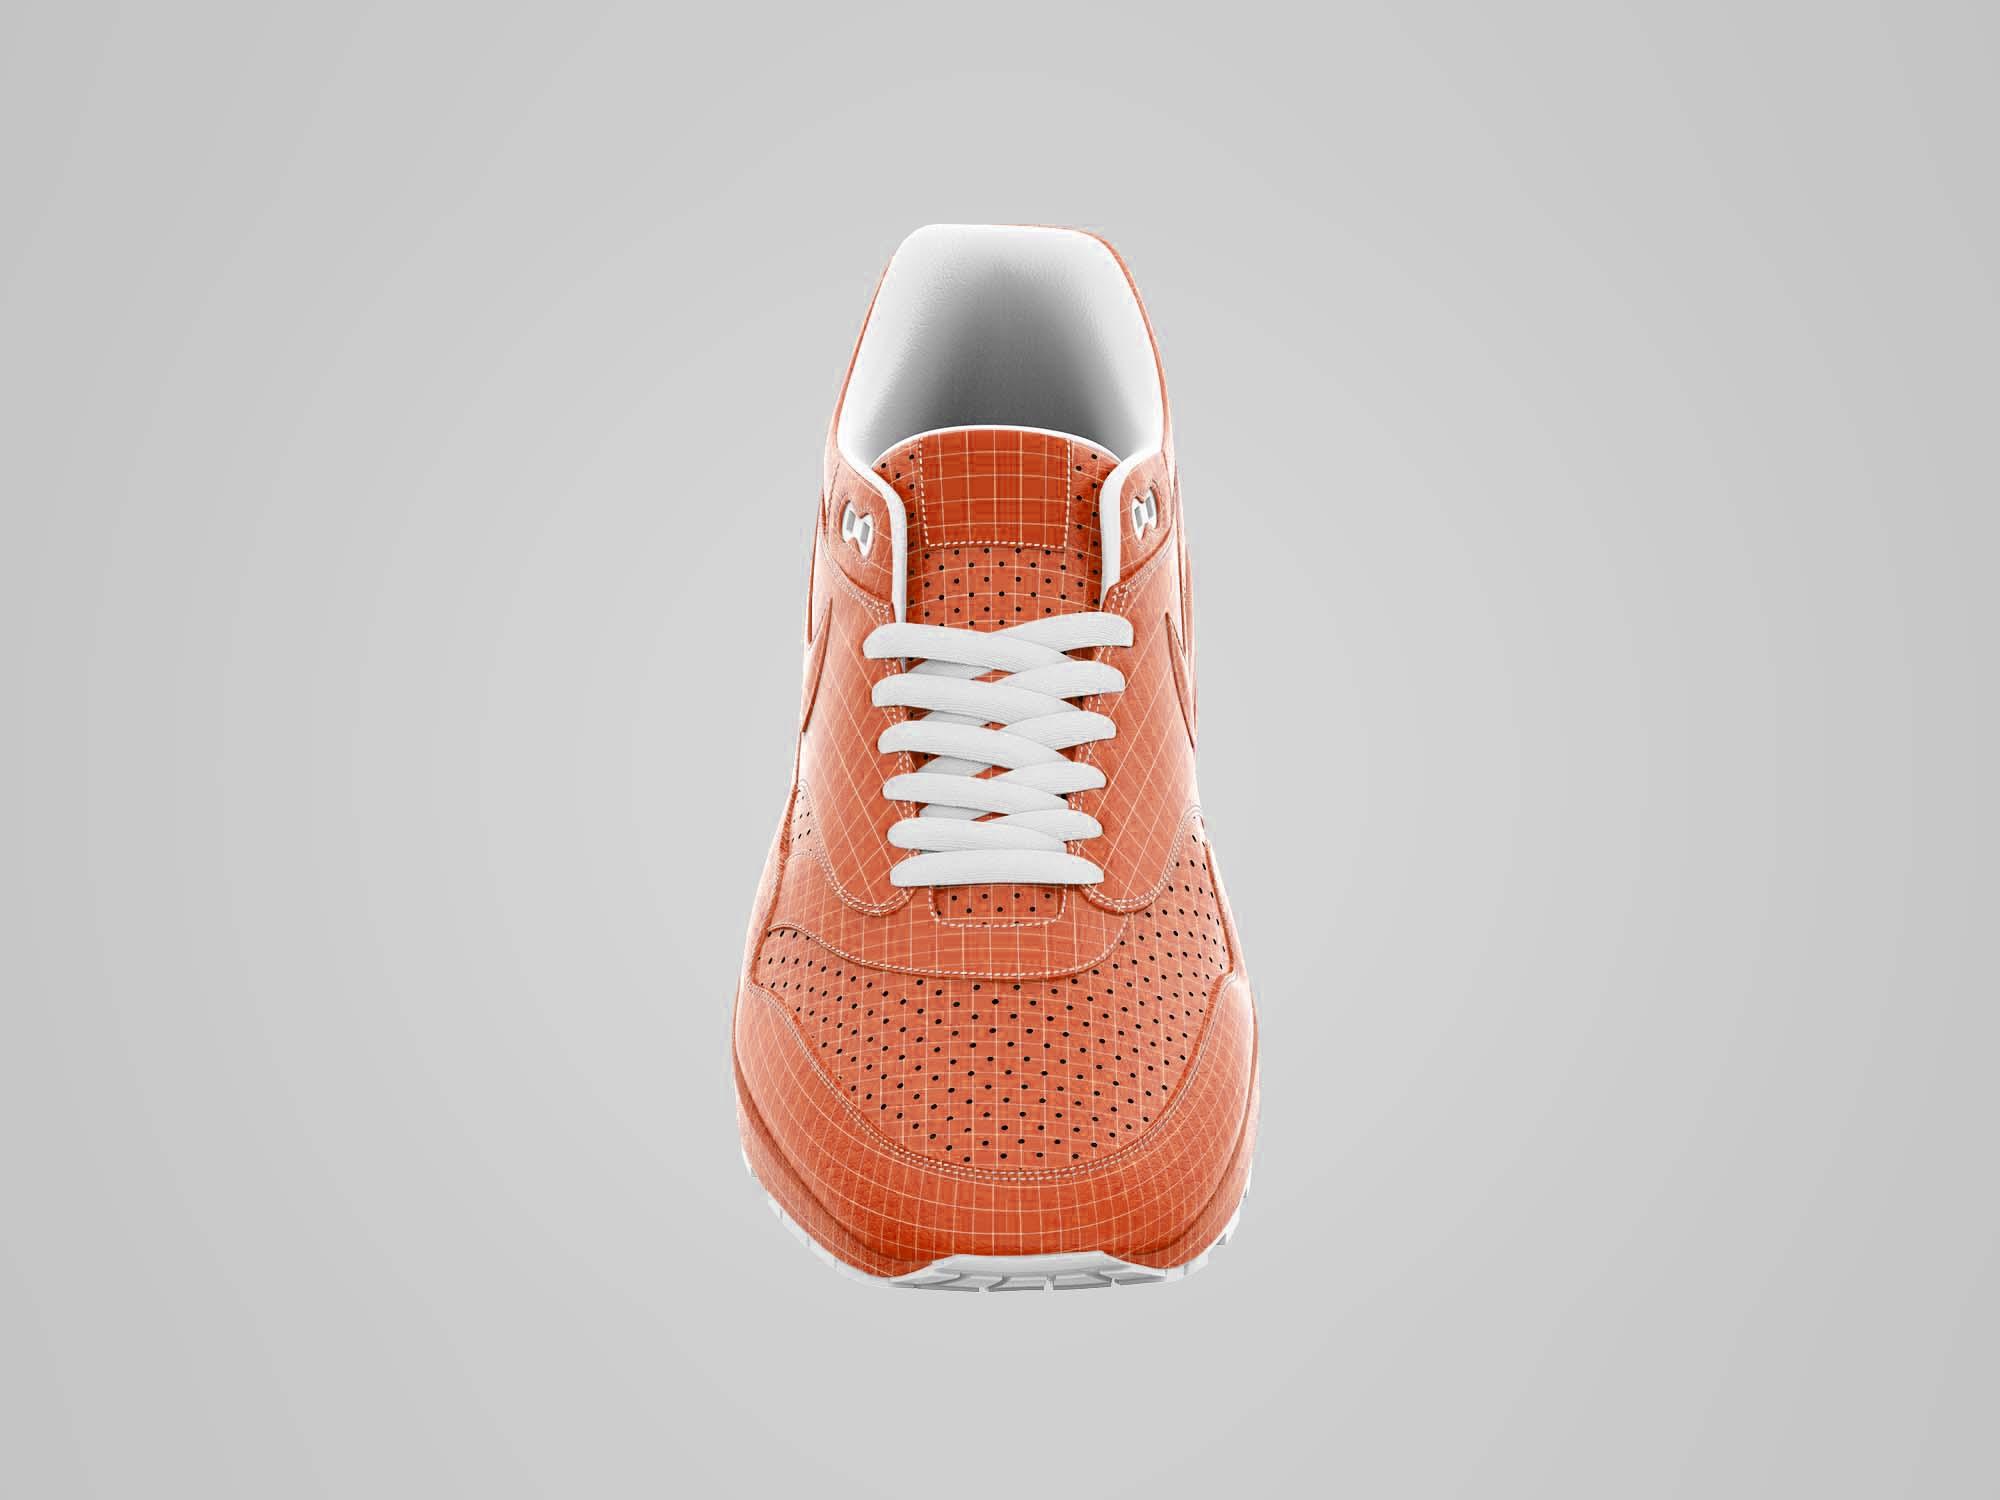 Shoes Mockup 2